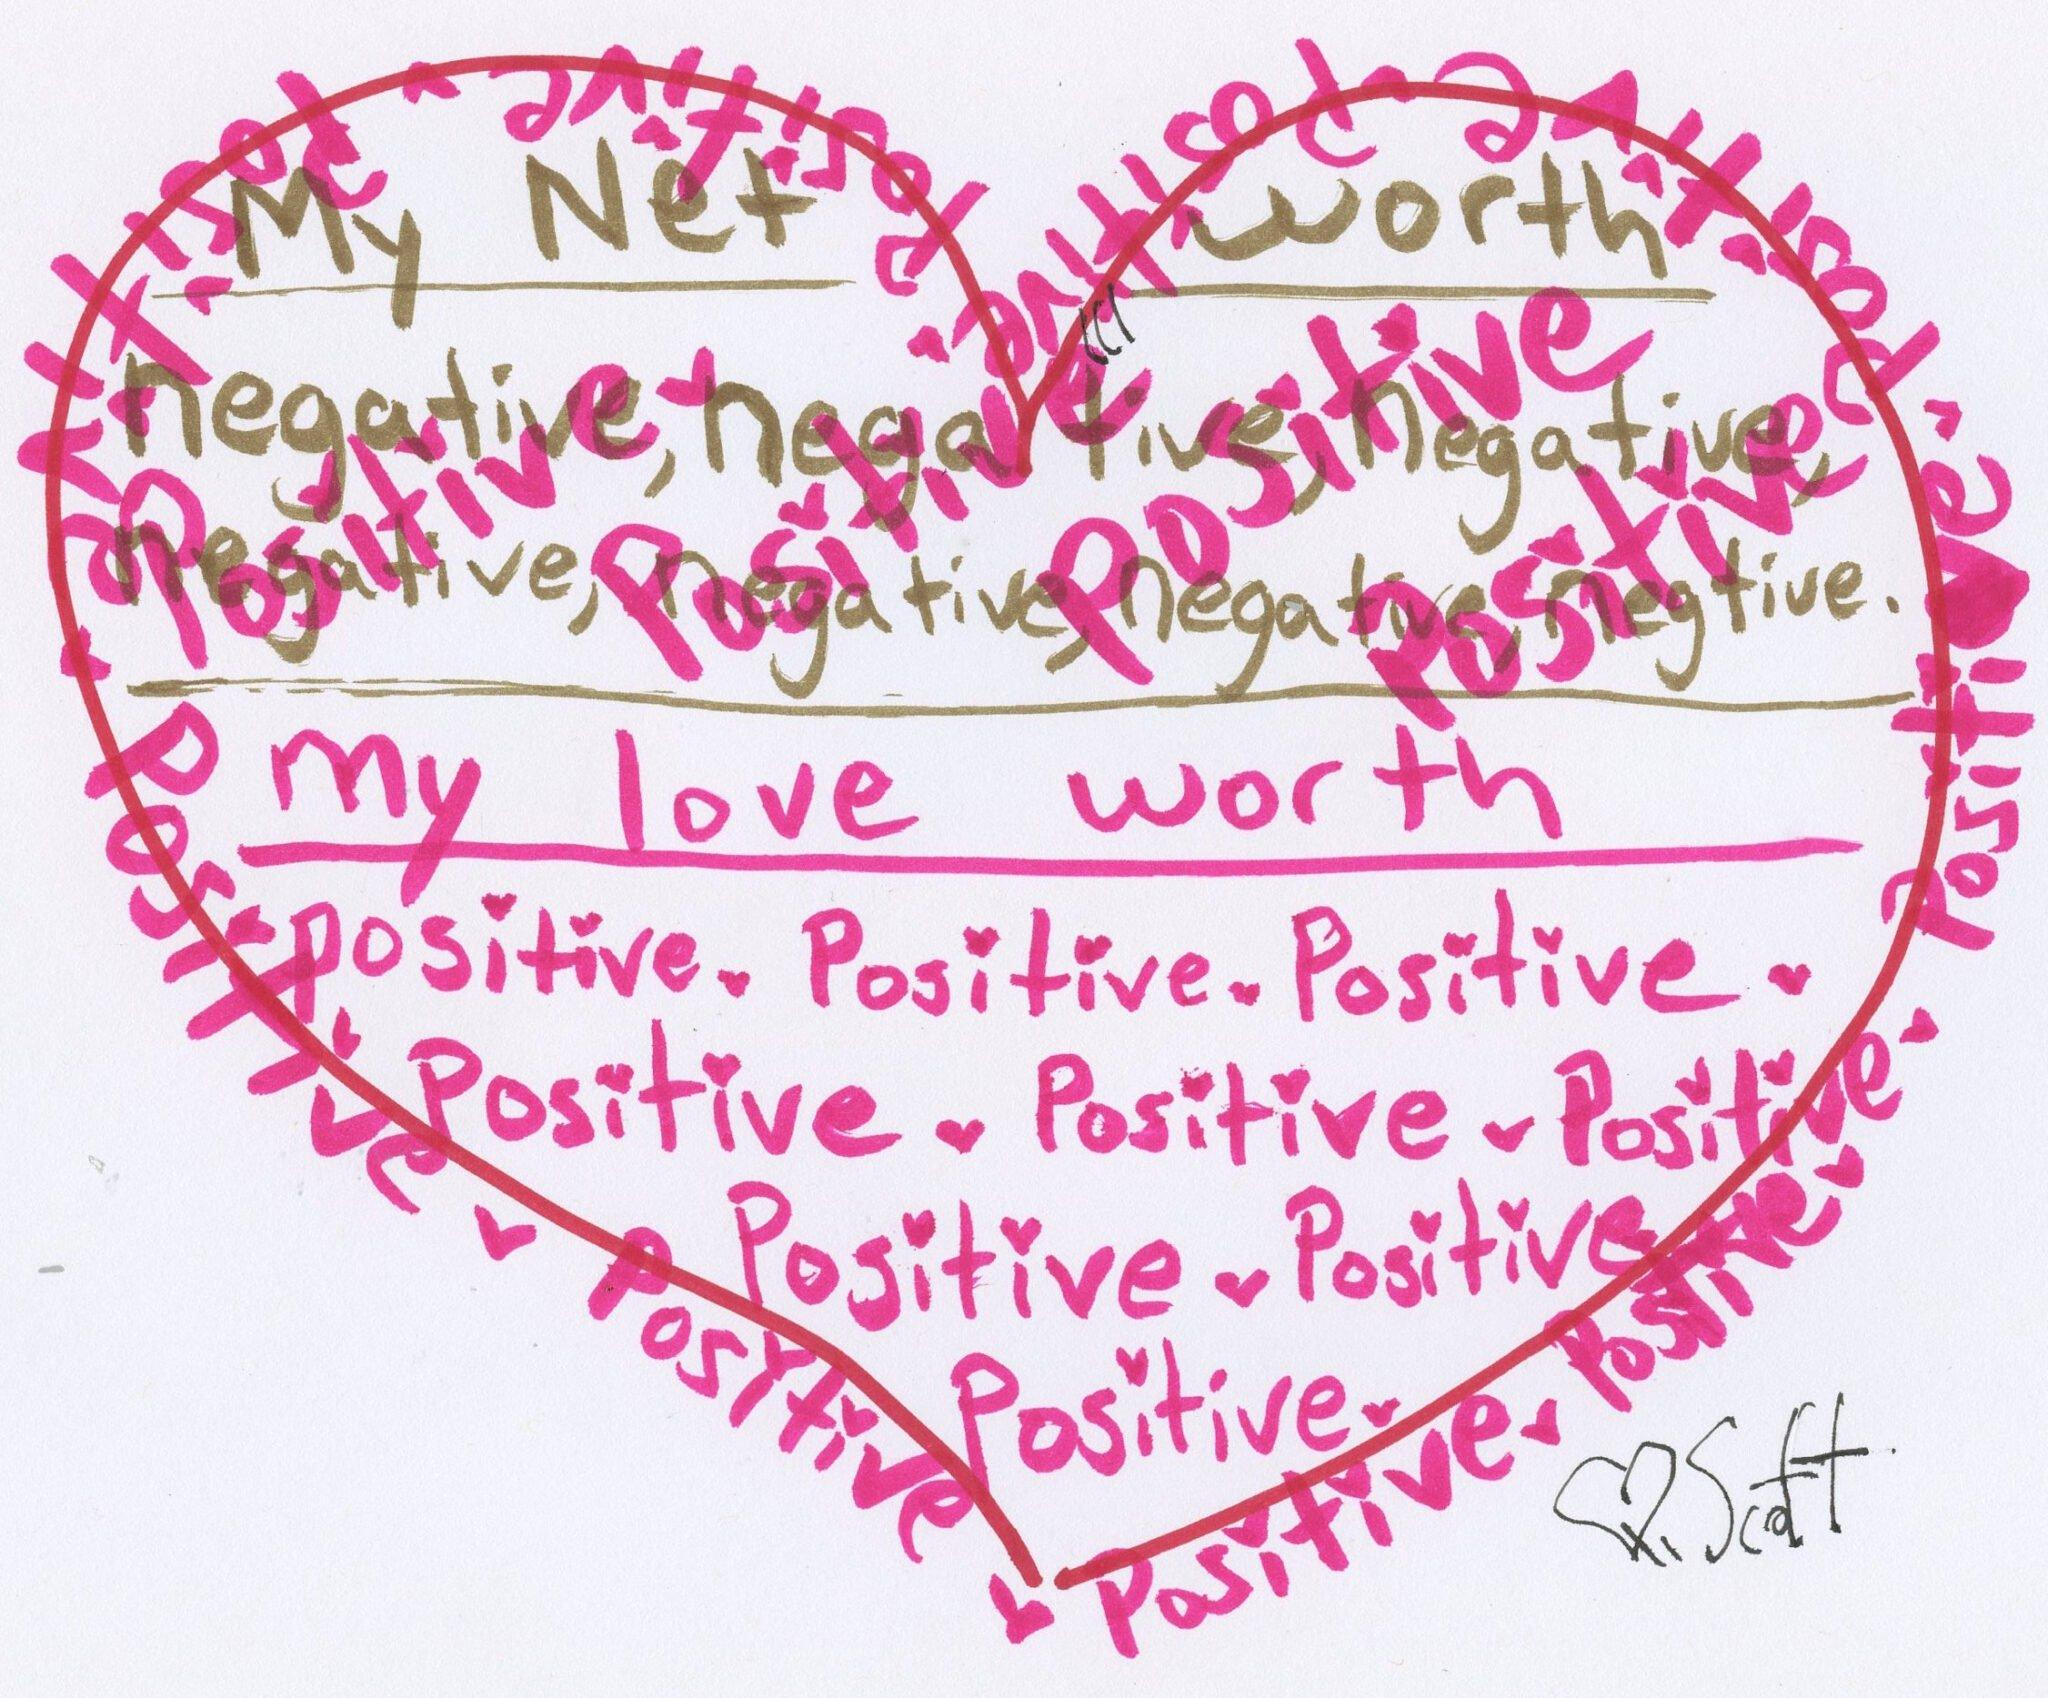 My net worth negative negative negative... My love worth positive, positive,positive,positive,positive,positive,positive